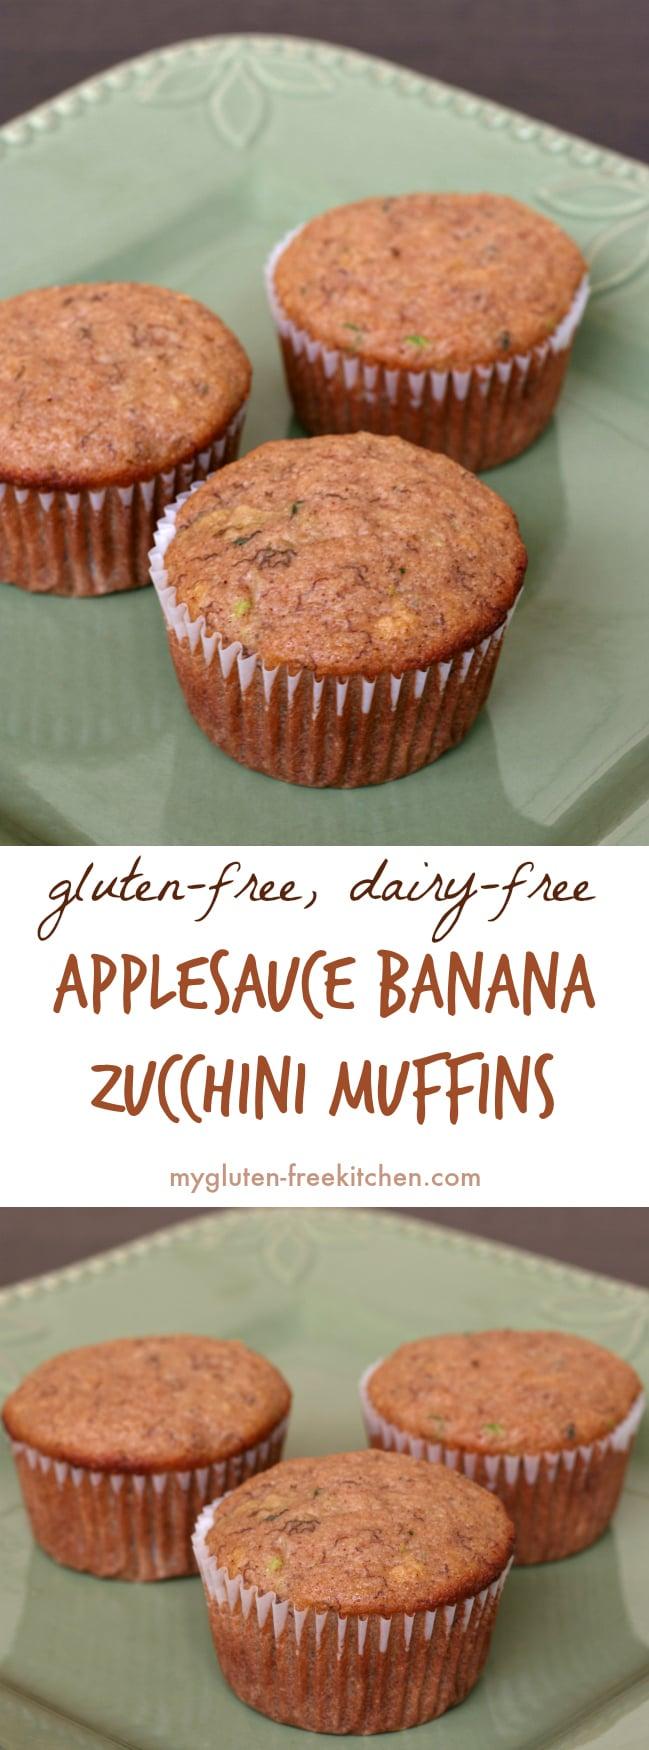 Gluten-free Dairy-free Applesauce Banana Zucchini Muffins Recipe